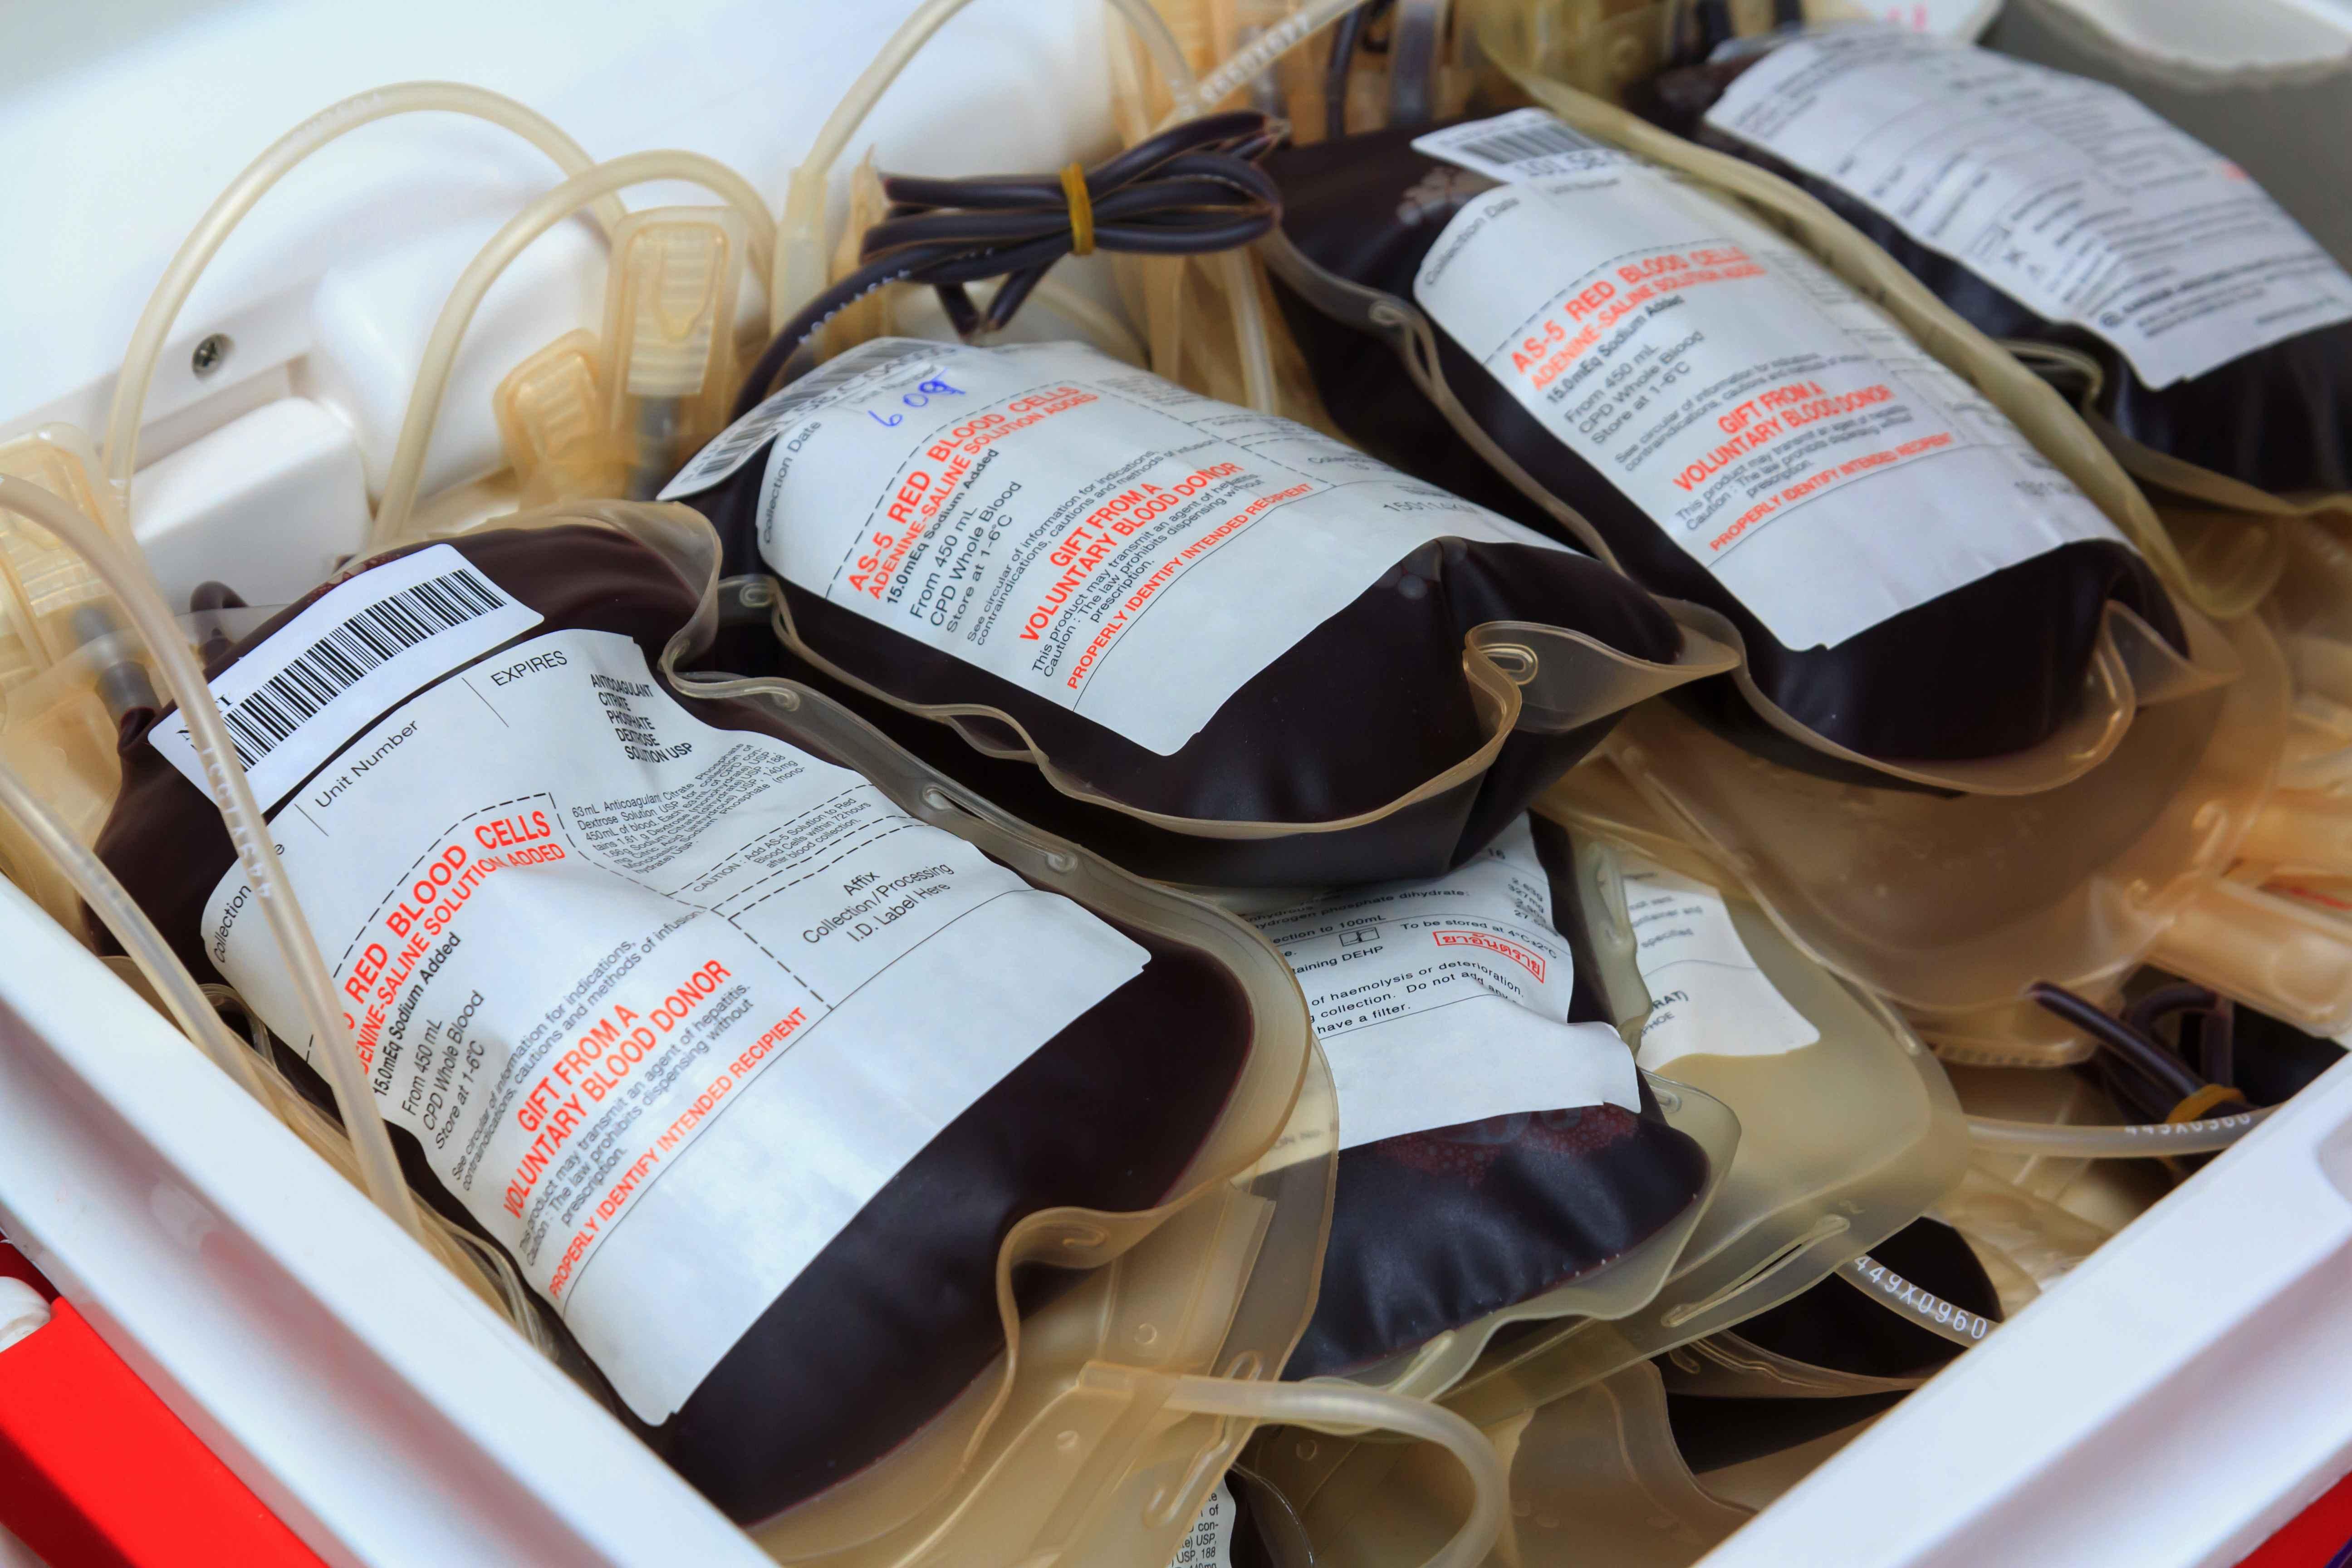 为何很多人不愿意献血?医生解释:背后这些内幕,你真知道吗?? v118.com